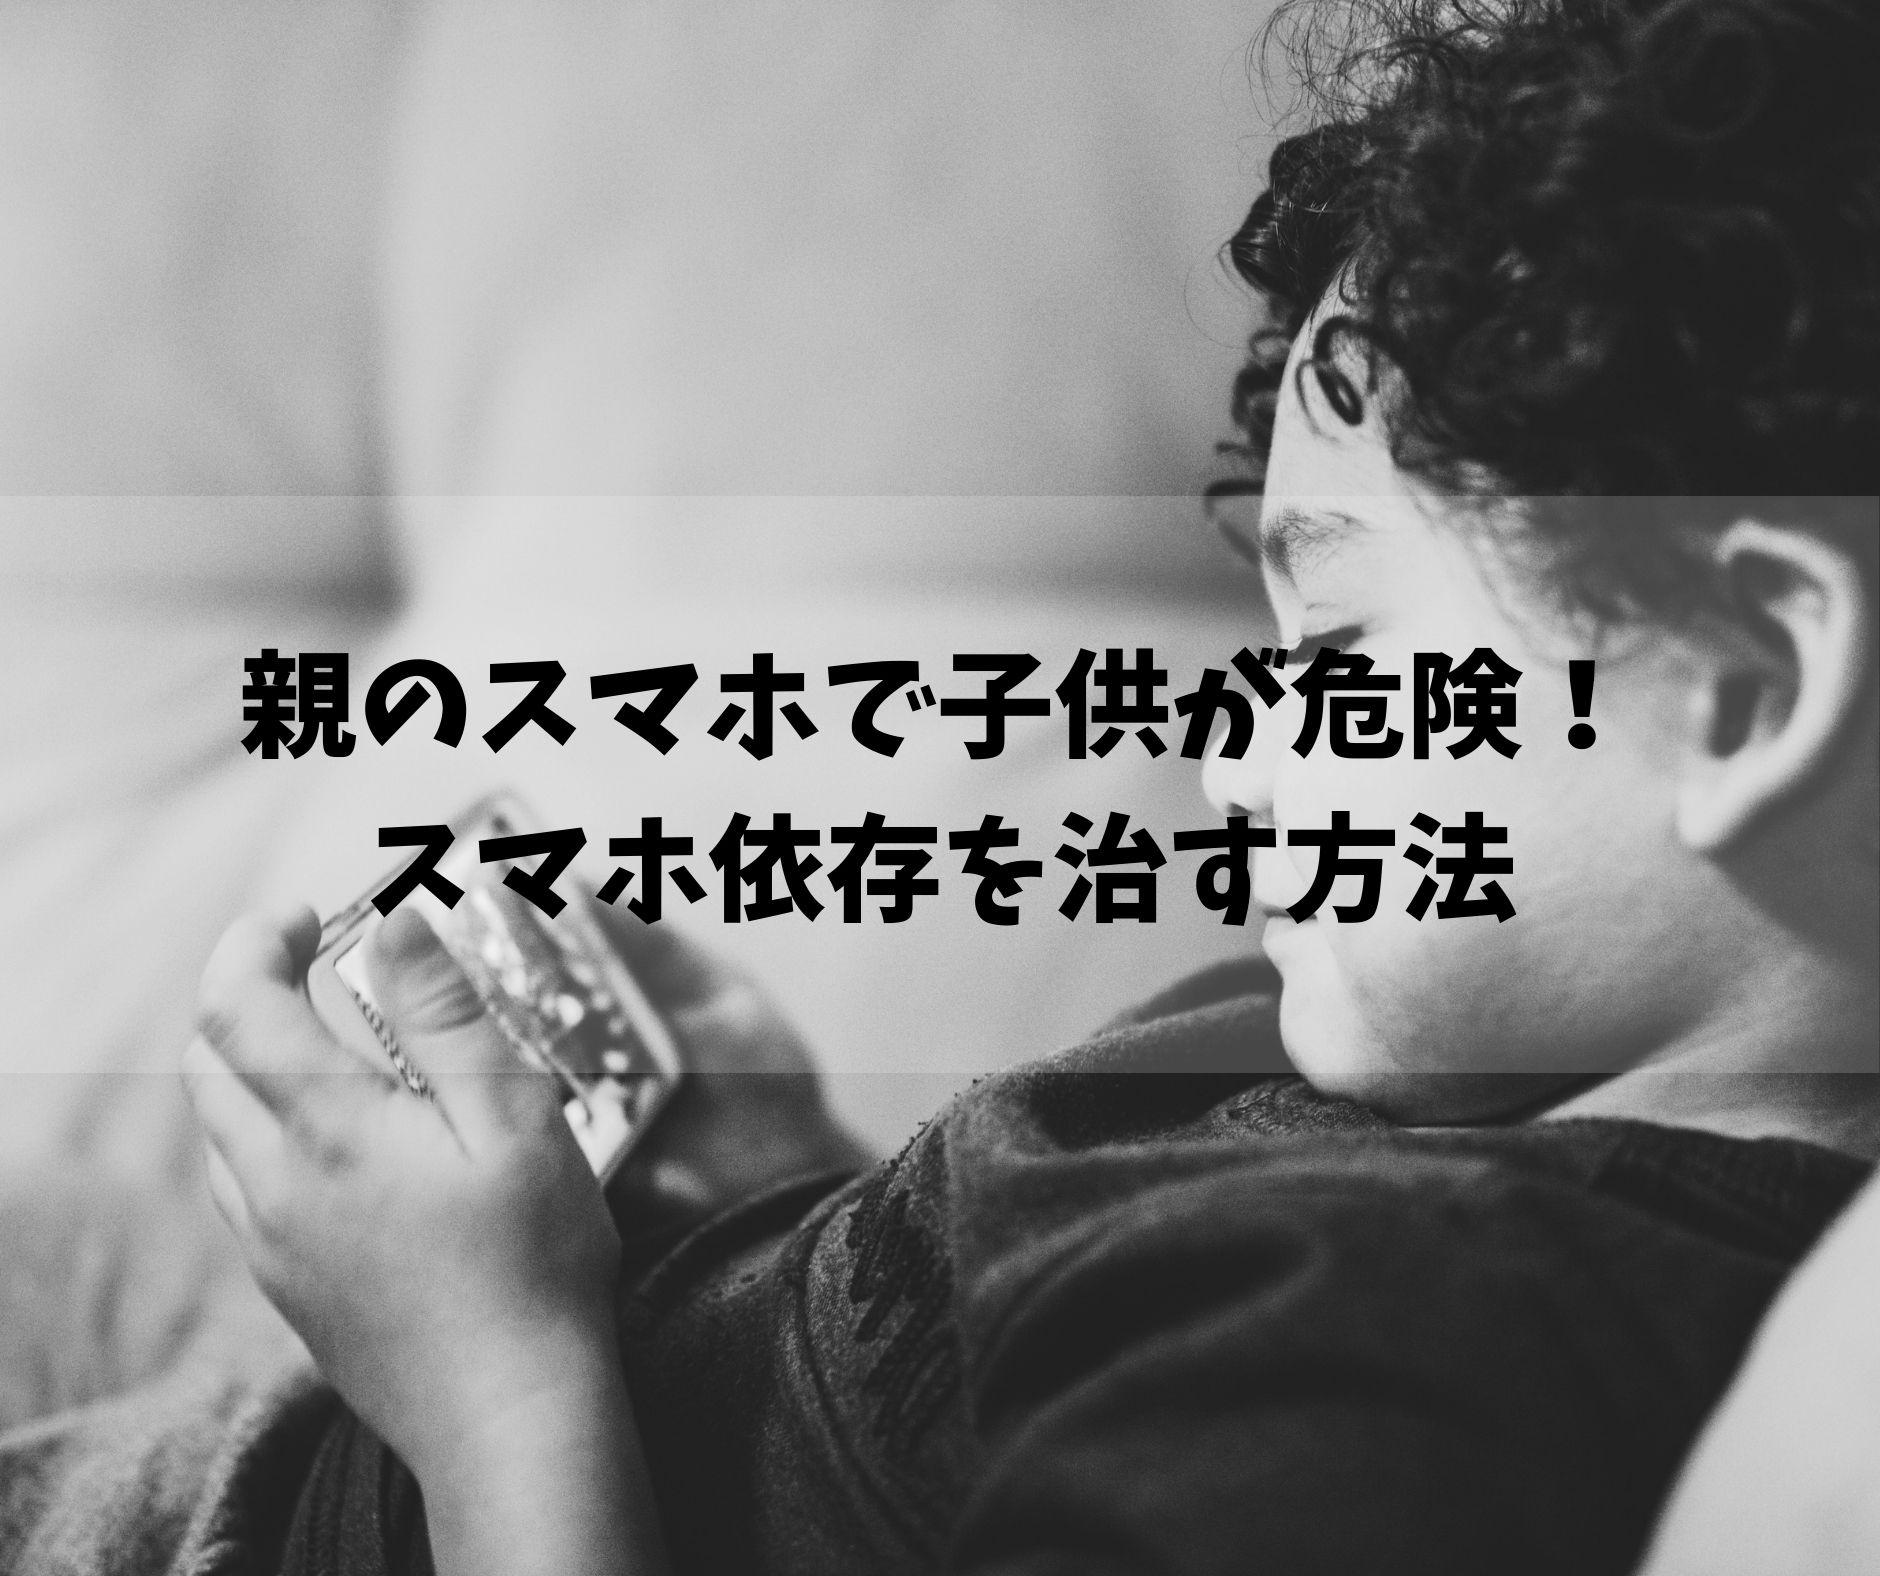 子育て中の親のスマホで子供が危険!スマホ依存を治す方法